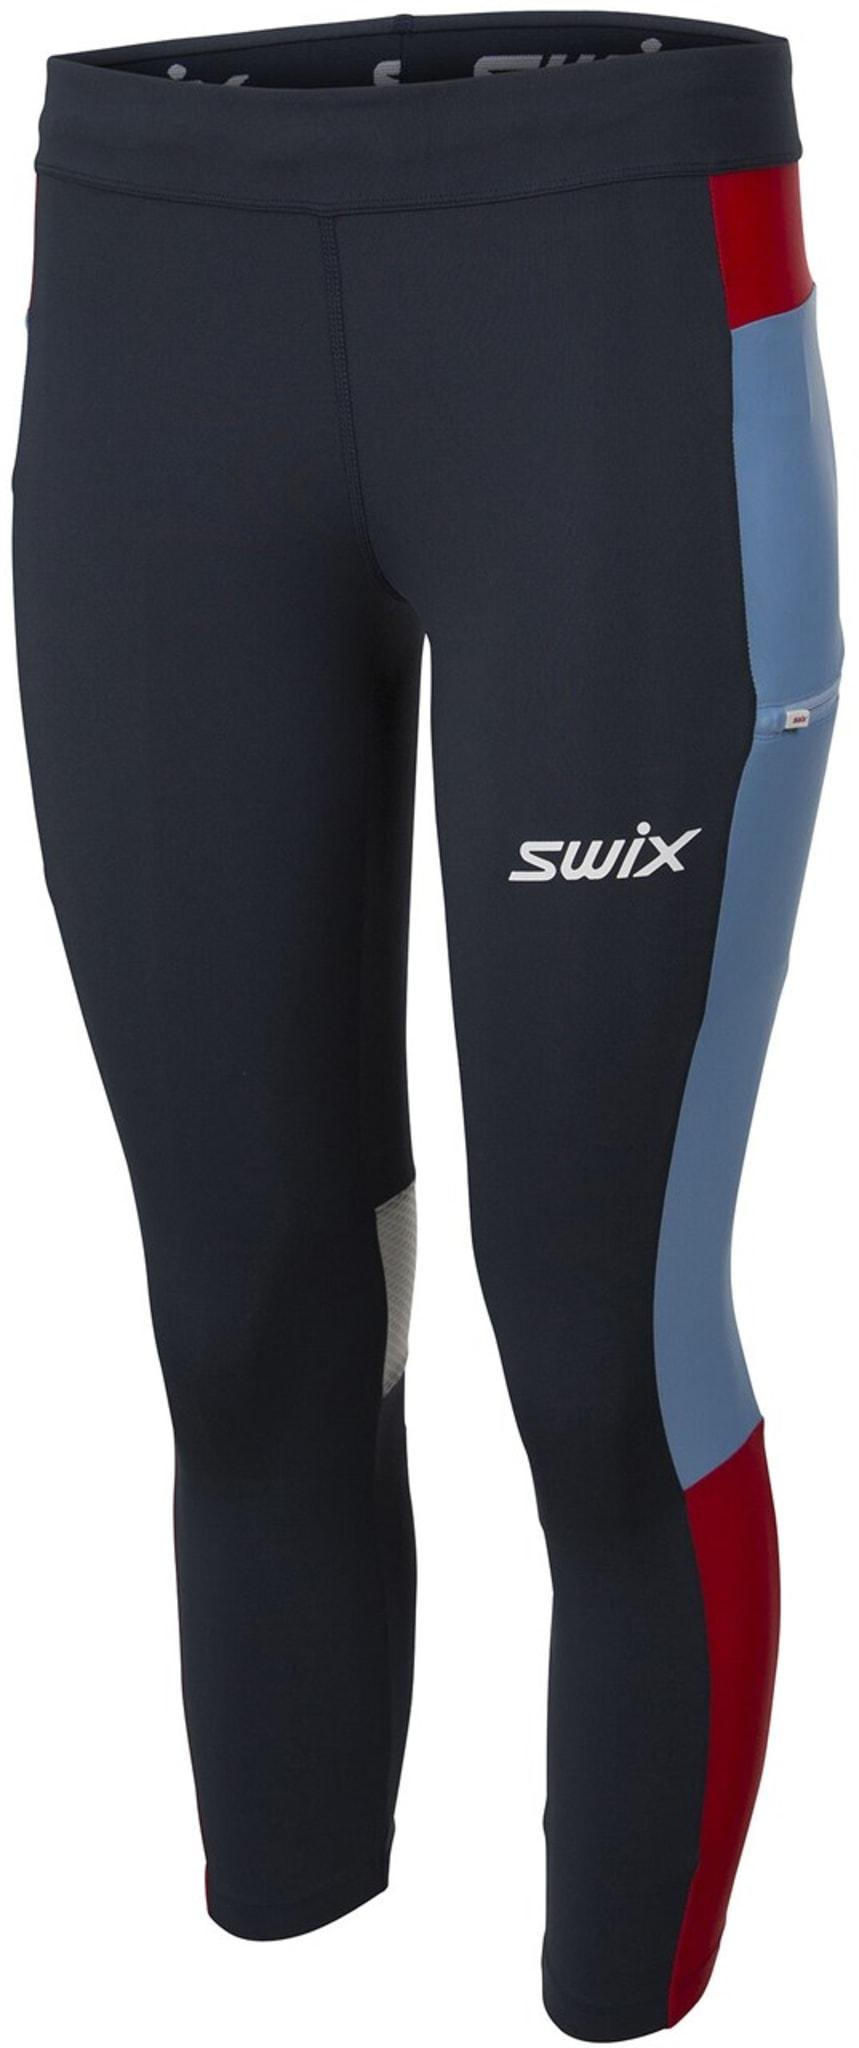 Motion Premium tights er som navnet indikerer en treningstight laget av førsteklasses stoffmetervarer